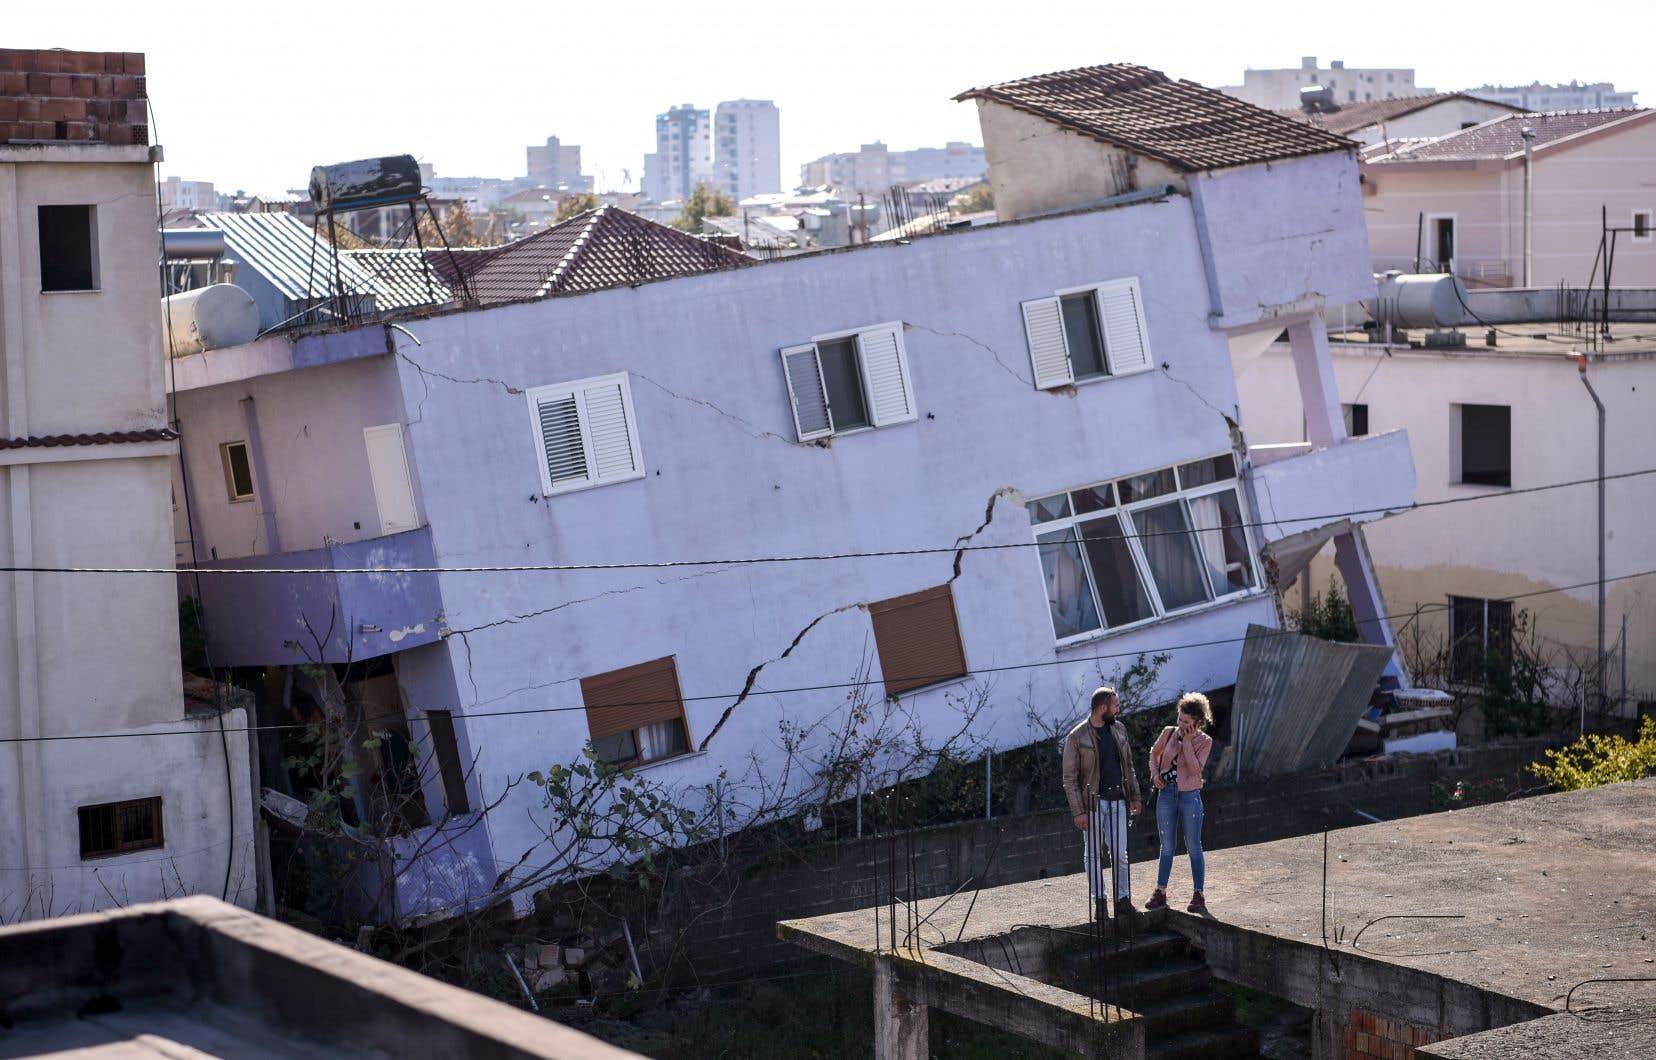 Le tremblement de terre de magnitude 6,4 est le plus puissant ressenti dans cette région depuis près d'un siècle.